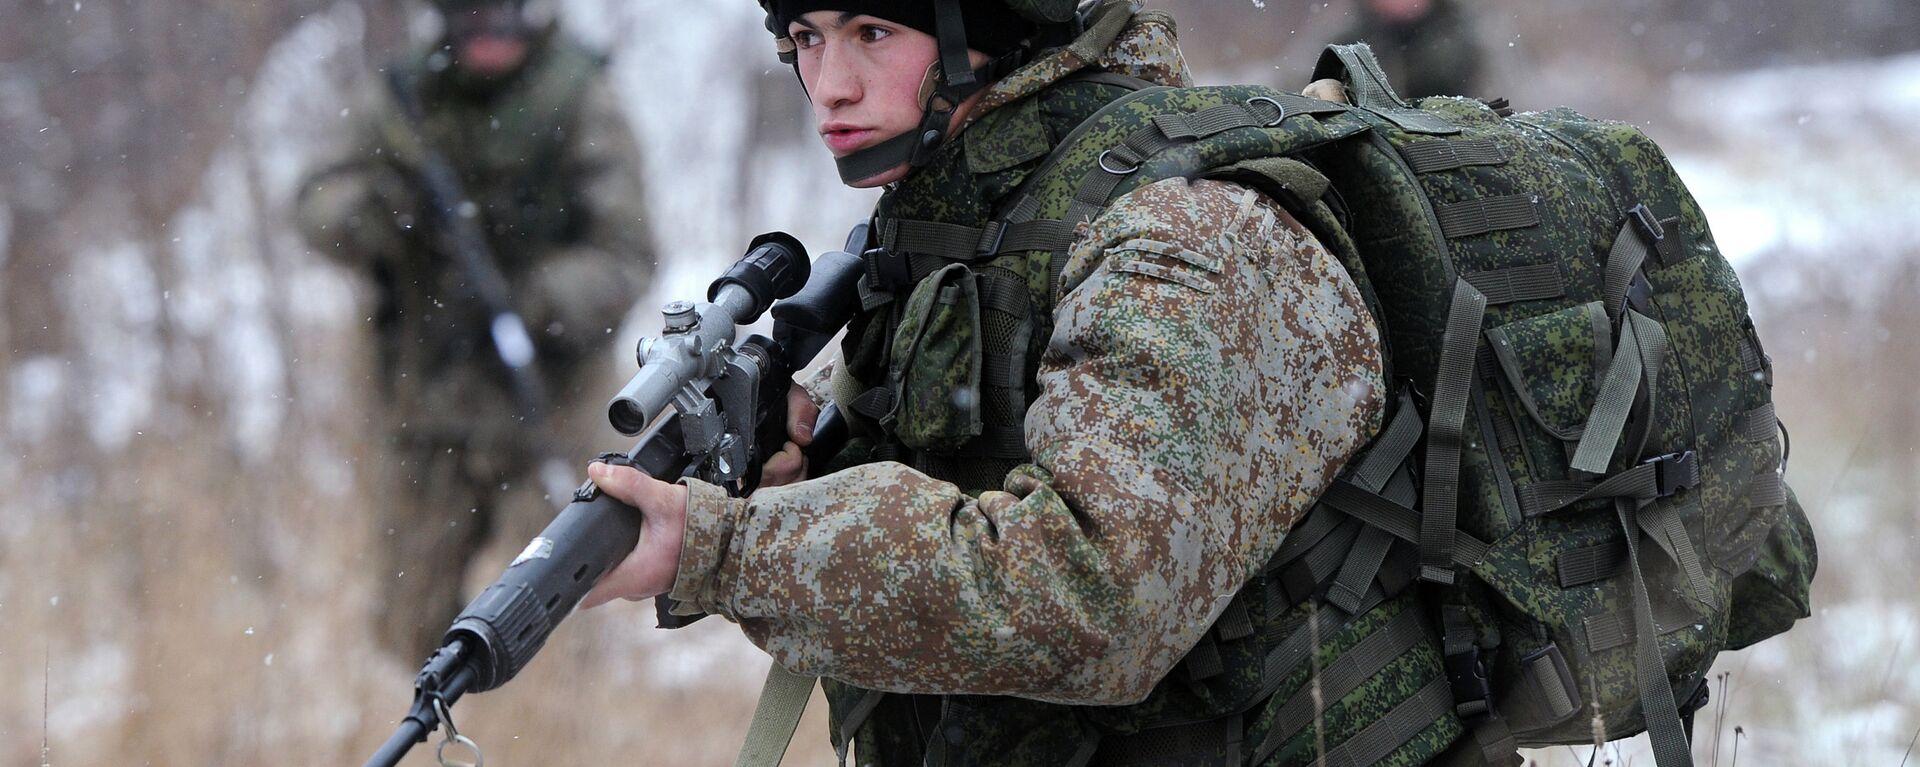 Војник показује борбену опрему Ратник на војној вежби у Москви - Sputnik Србија, 1920, 17.01.2021